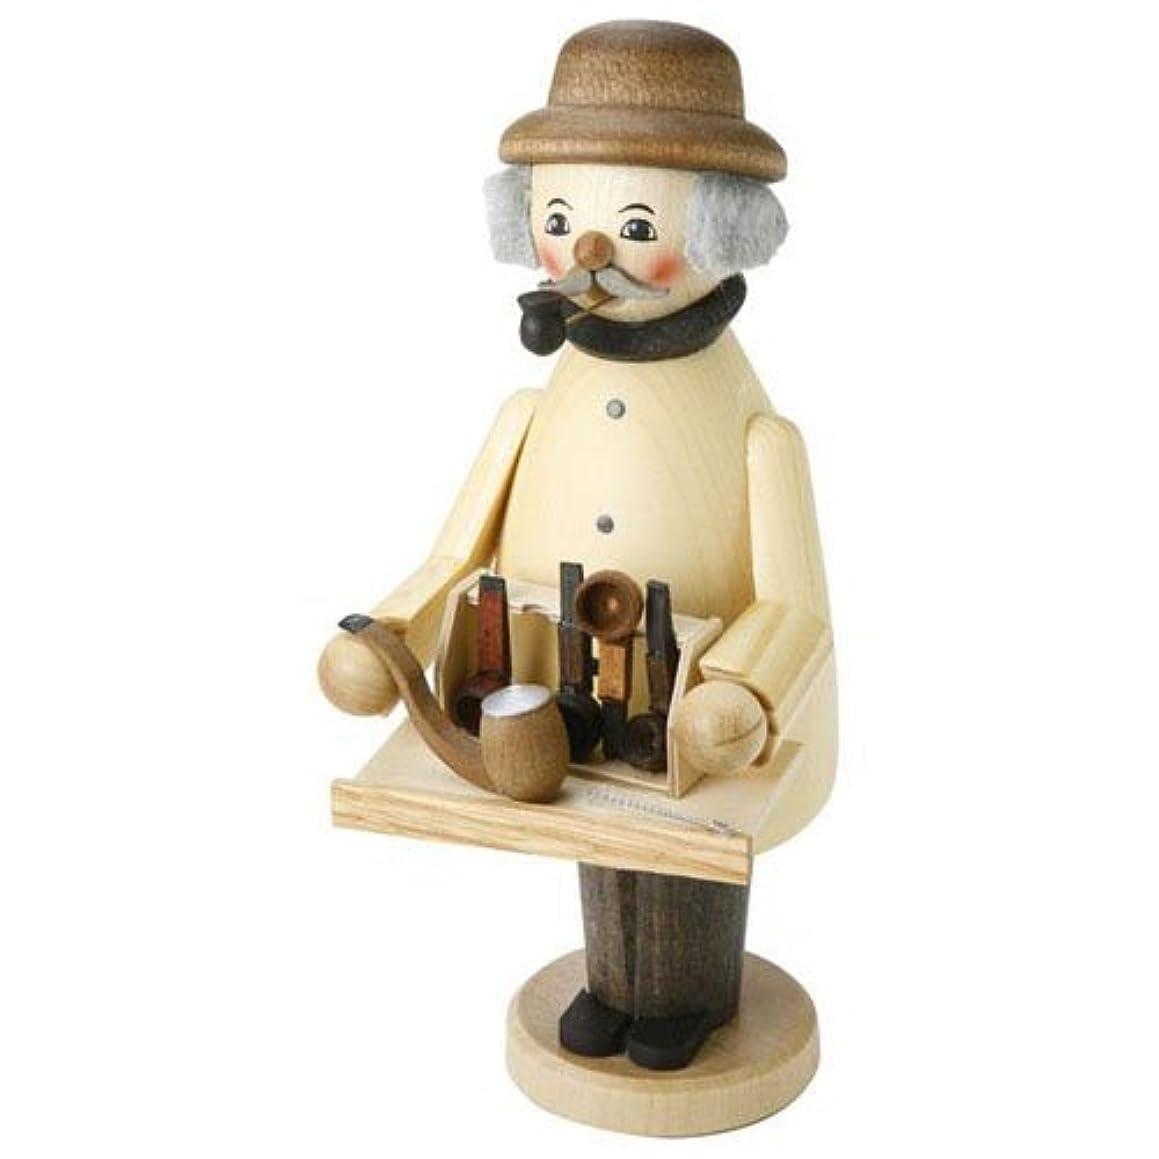 保険マウスピース虐殺39089 Kuhnert(クーネルト) ミニパイプ人形香炉 パイプ売り